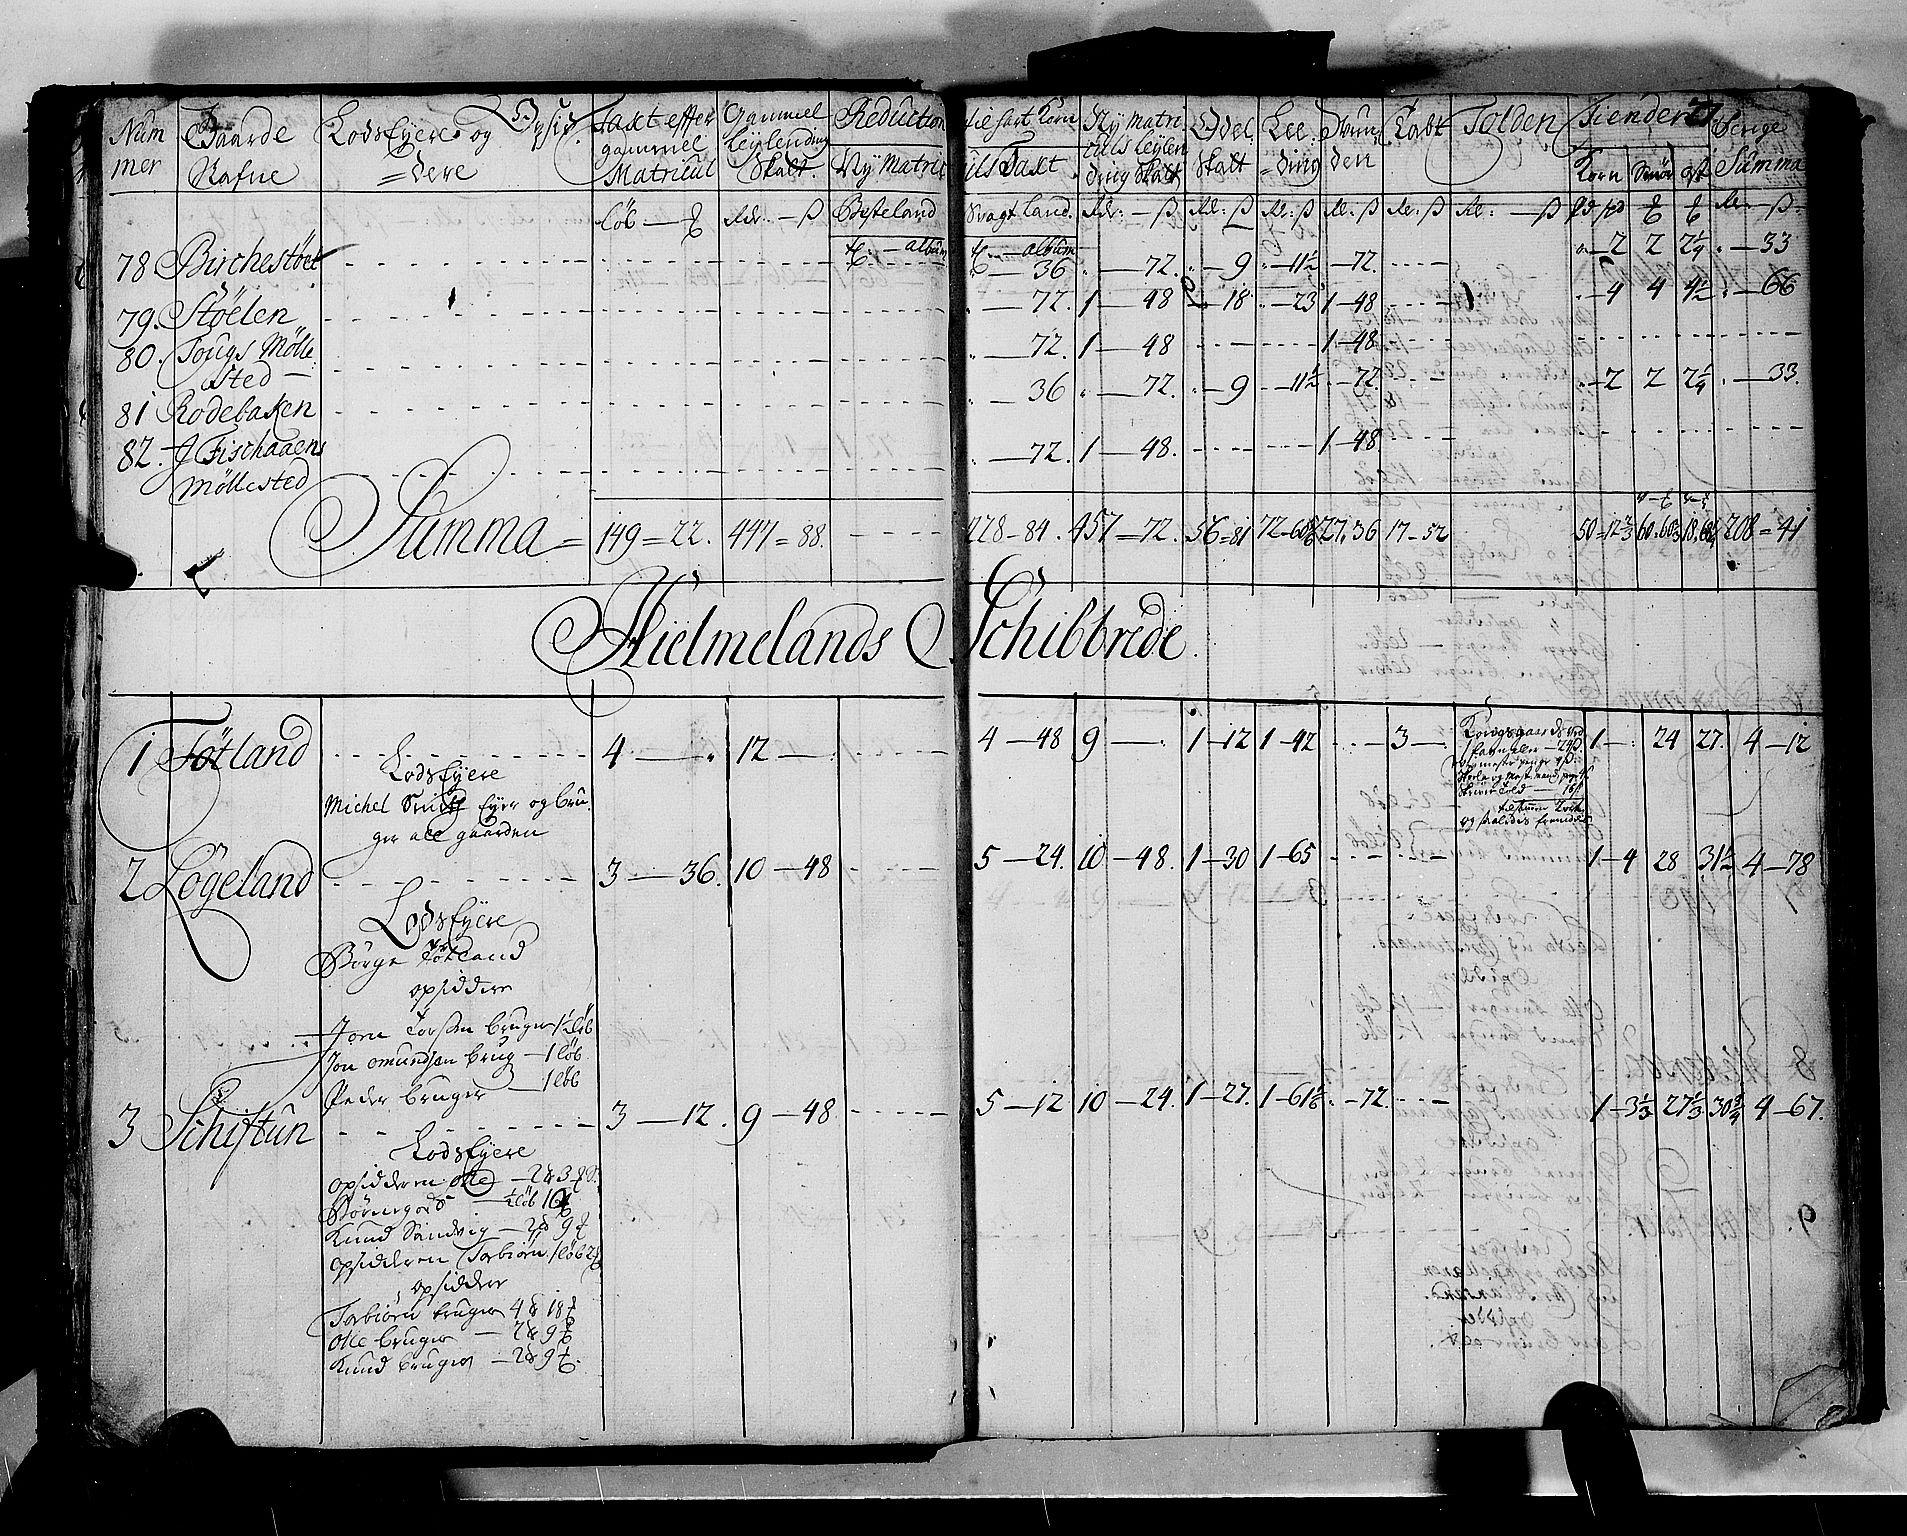 RA, Rentekammeret inntil 1814, Realistisk ordnet avdeling, N/Nb/Nbf/L0133b: Ryfylke matrikkelprotokoll, 1723, s. 26b-27a